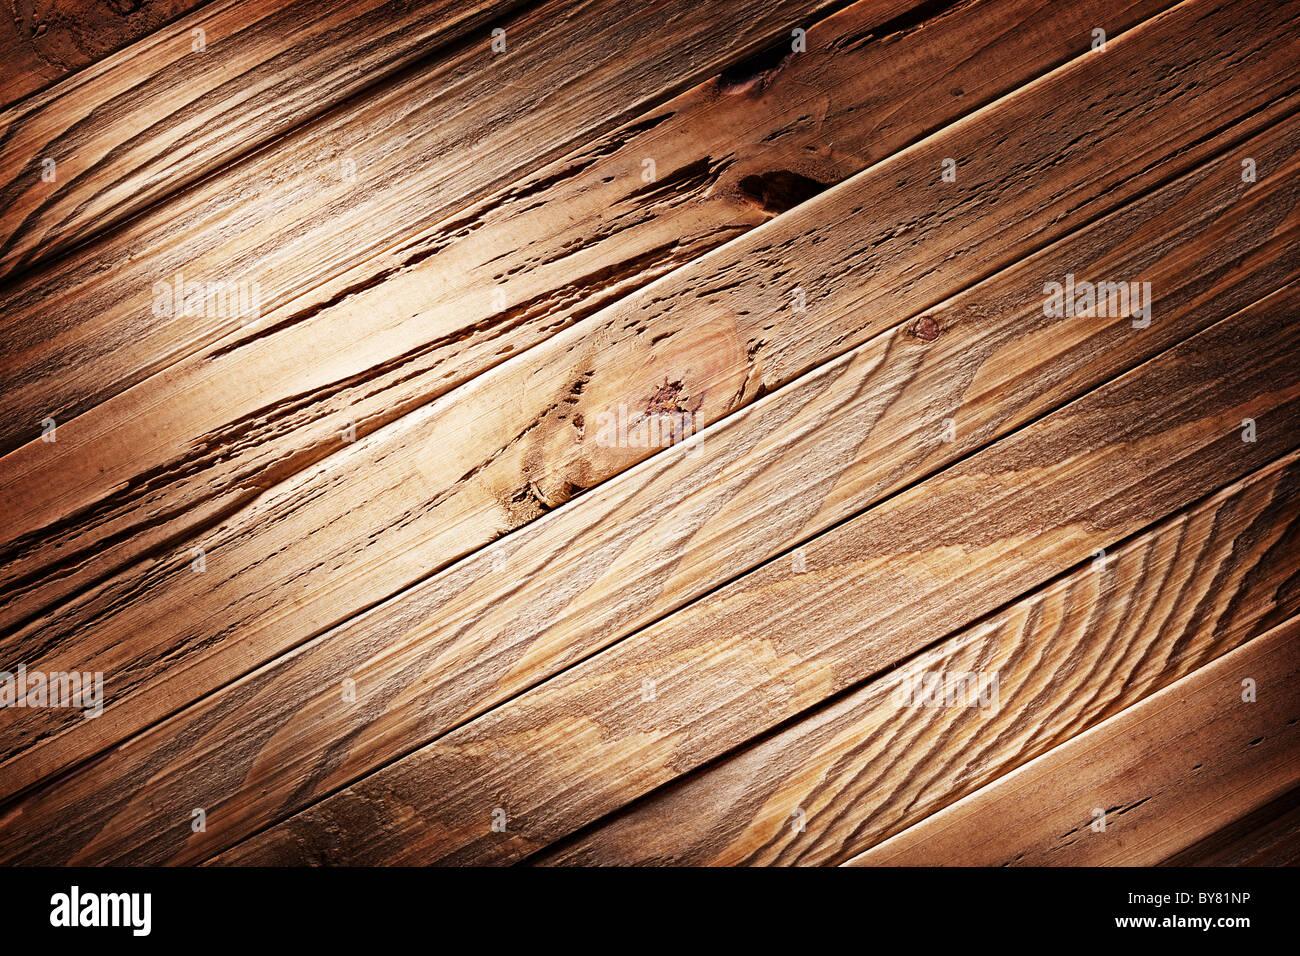 Texture di immagini di vecchie tavole di legno. Immagini Stock